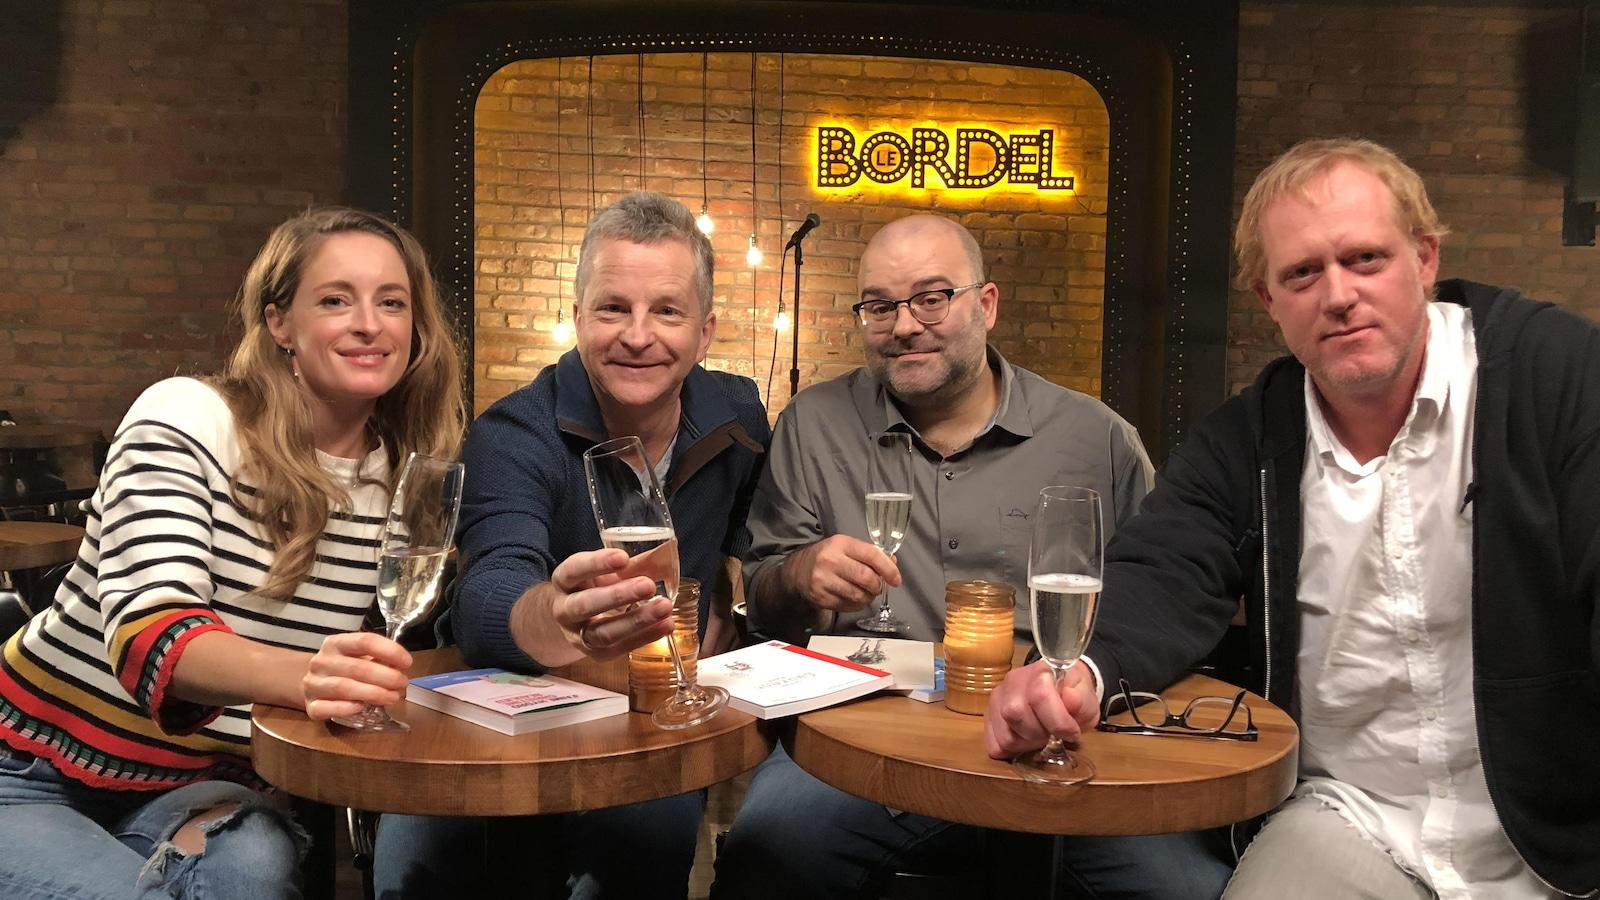 L'animateur et ses invités assis à une table au bar le Bordel